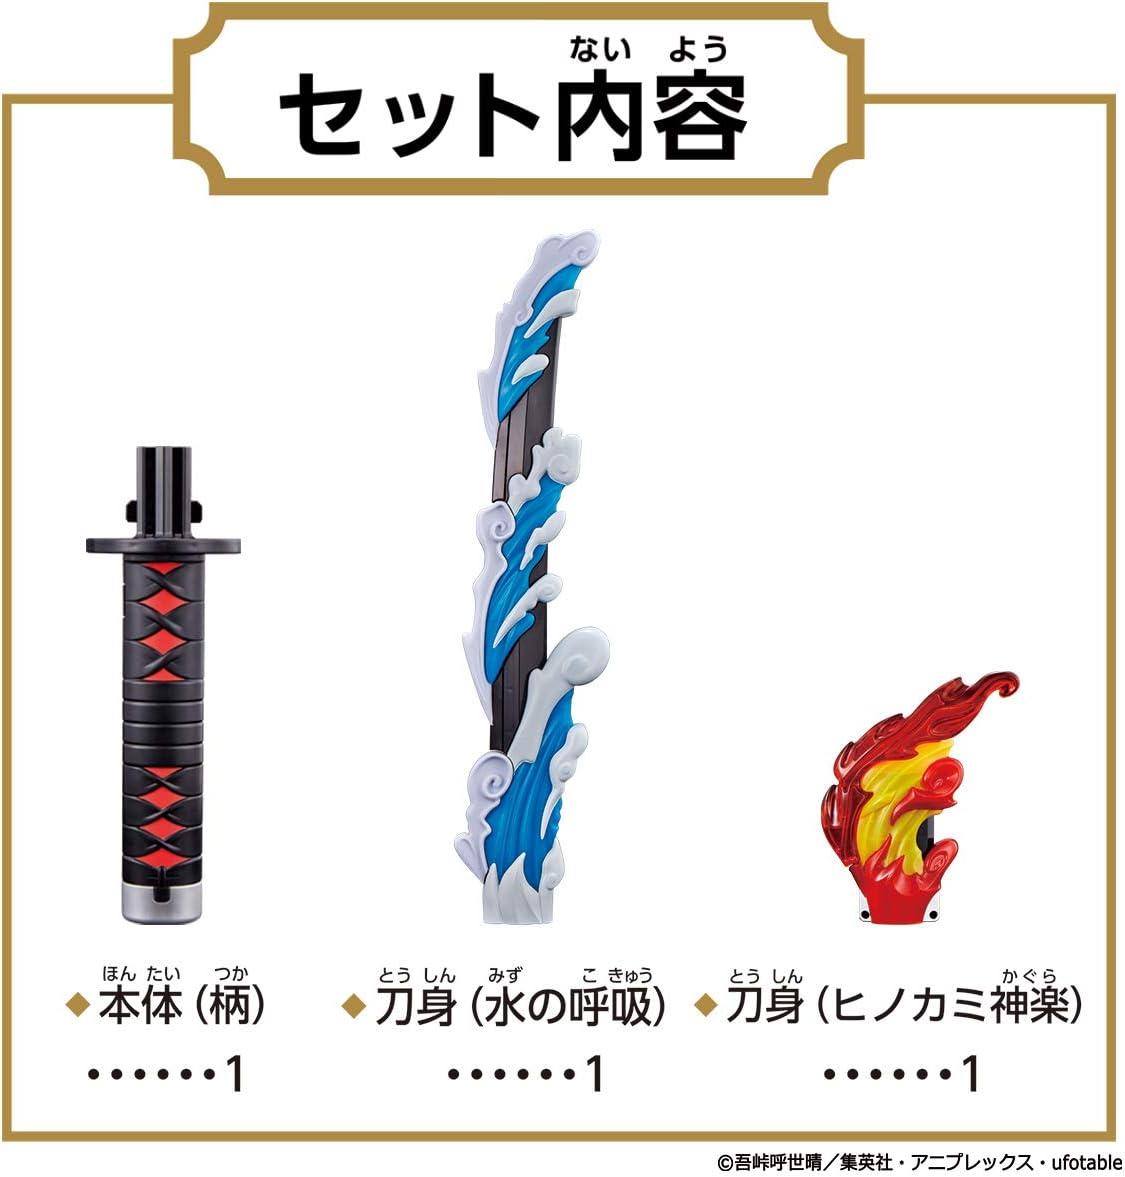 おすすめ特別枠①:鬼滅の刃 DX日輪刀